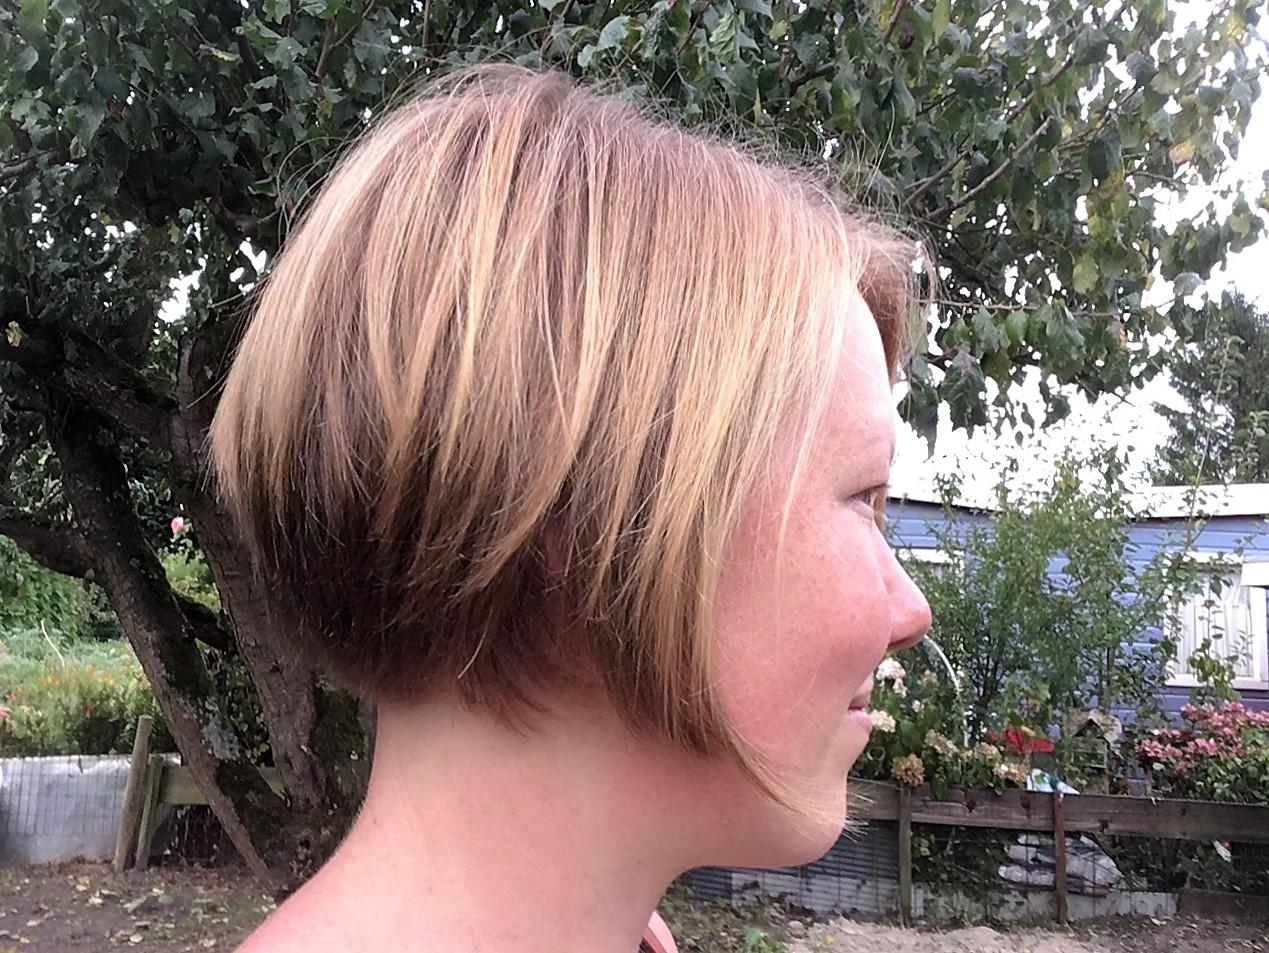 Yvonderweg - Weekboek #7 - Nieuw haar